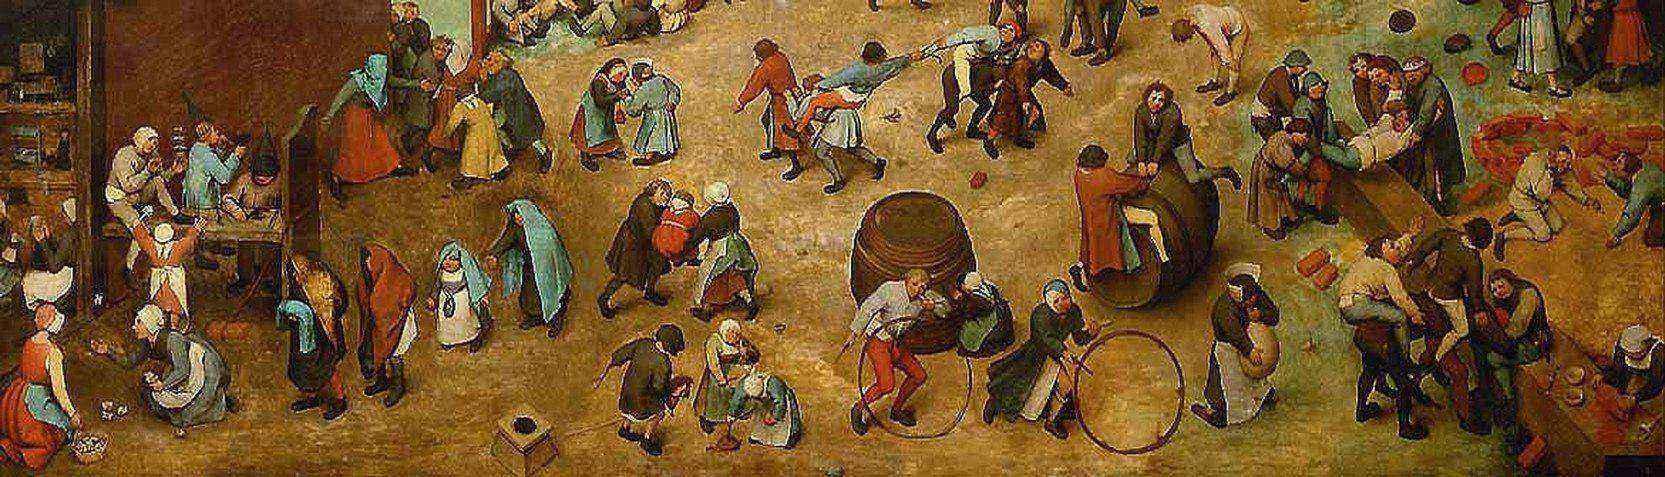 Artyści - A-Z - Pieter Bruegel der Jüngere